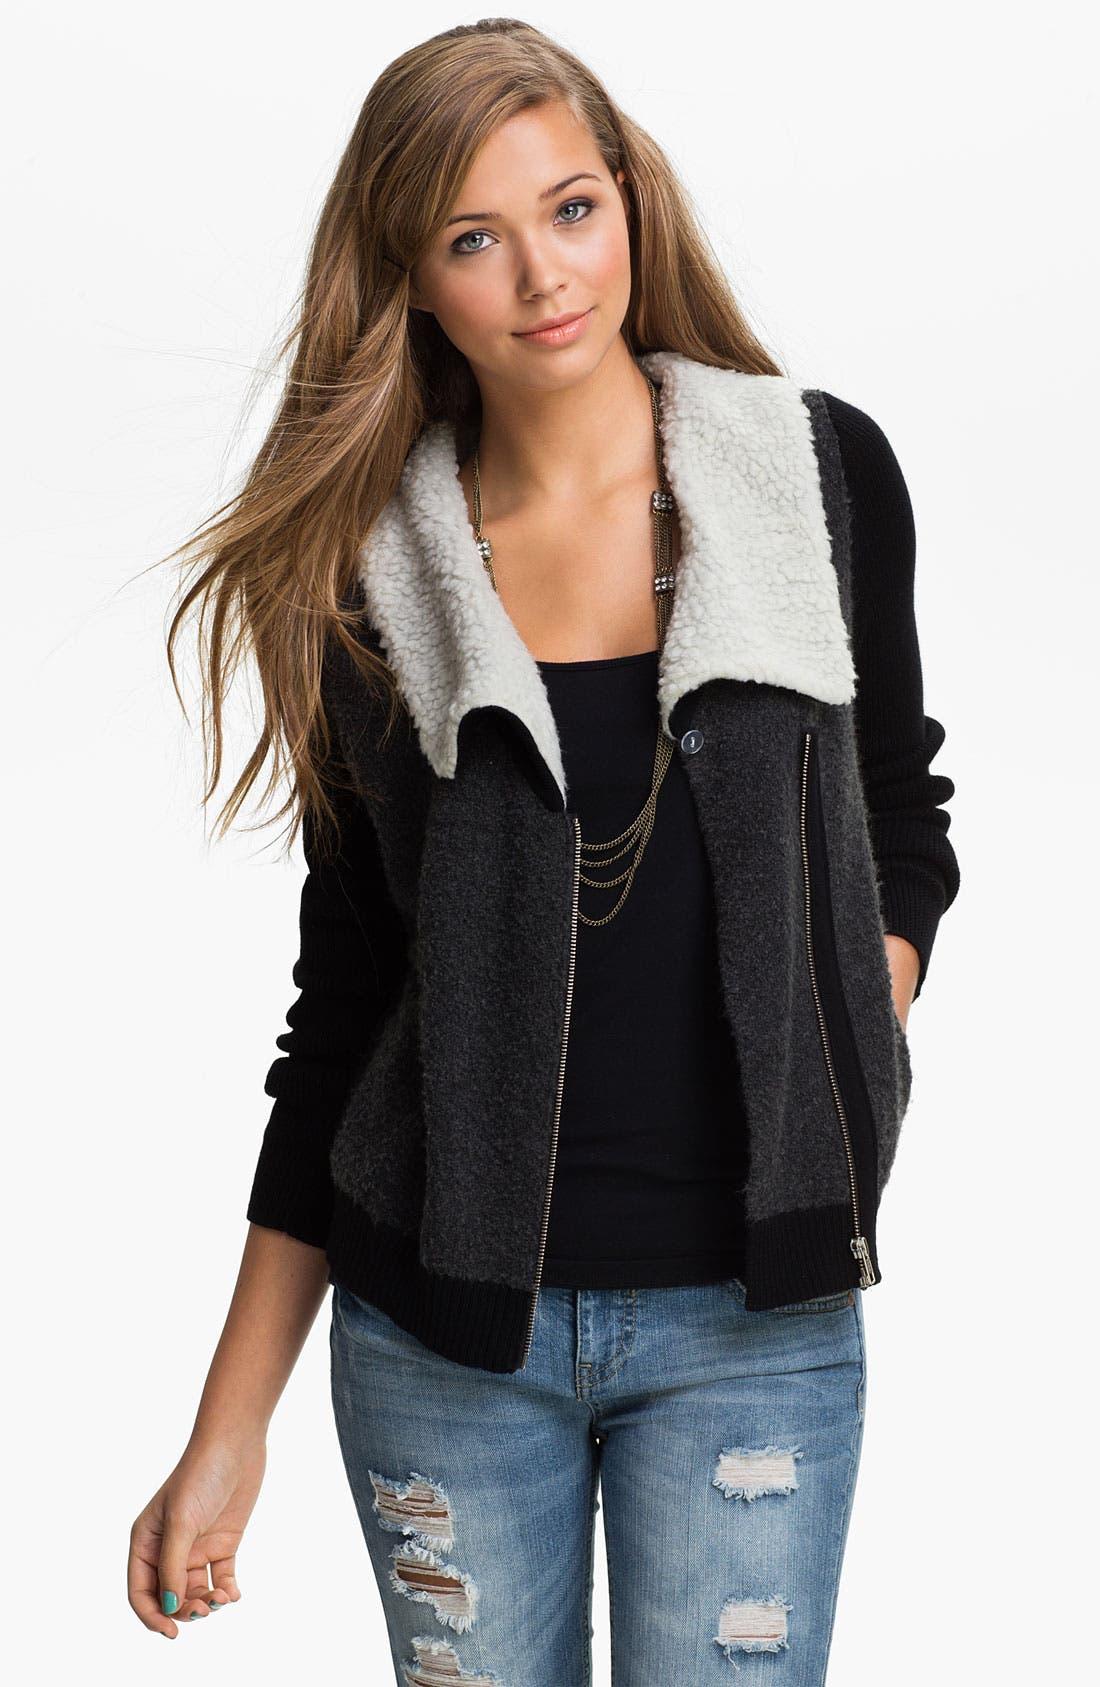 Alternate Image 1 Selected - BP. Faux Shearling Collar Sweater Bomber (Juniors)